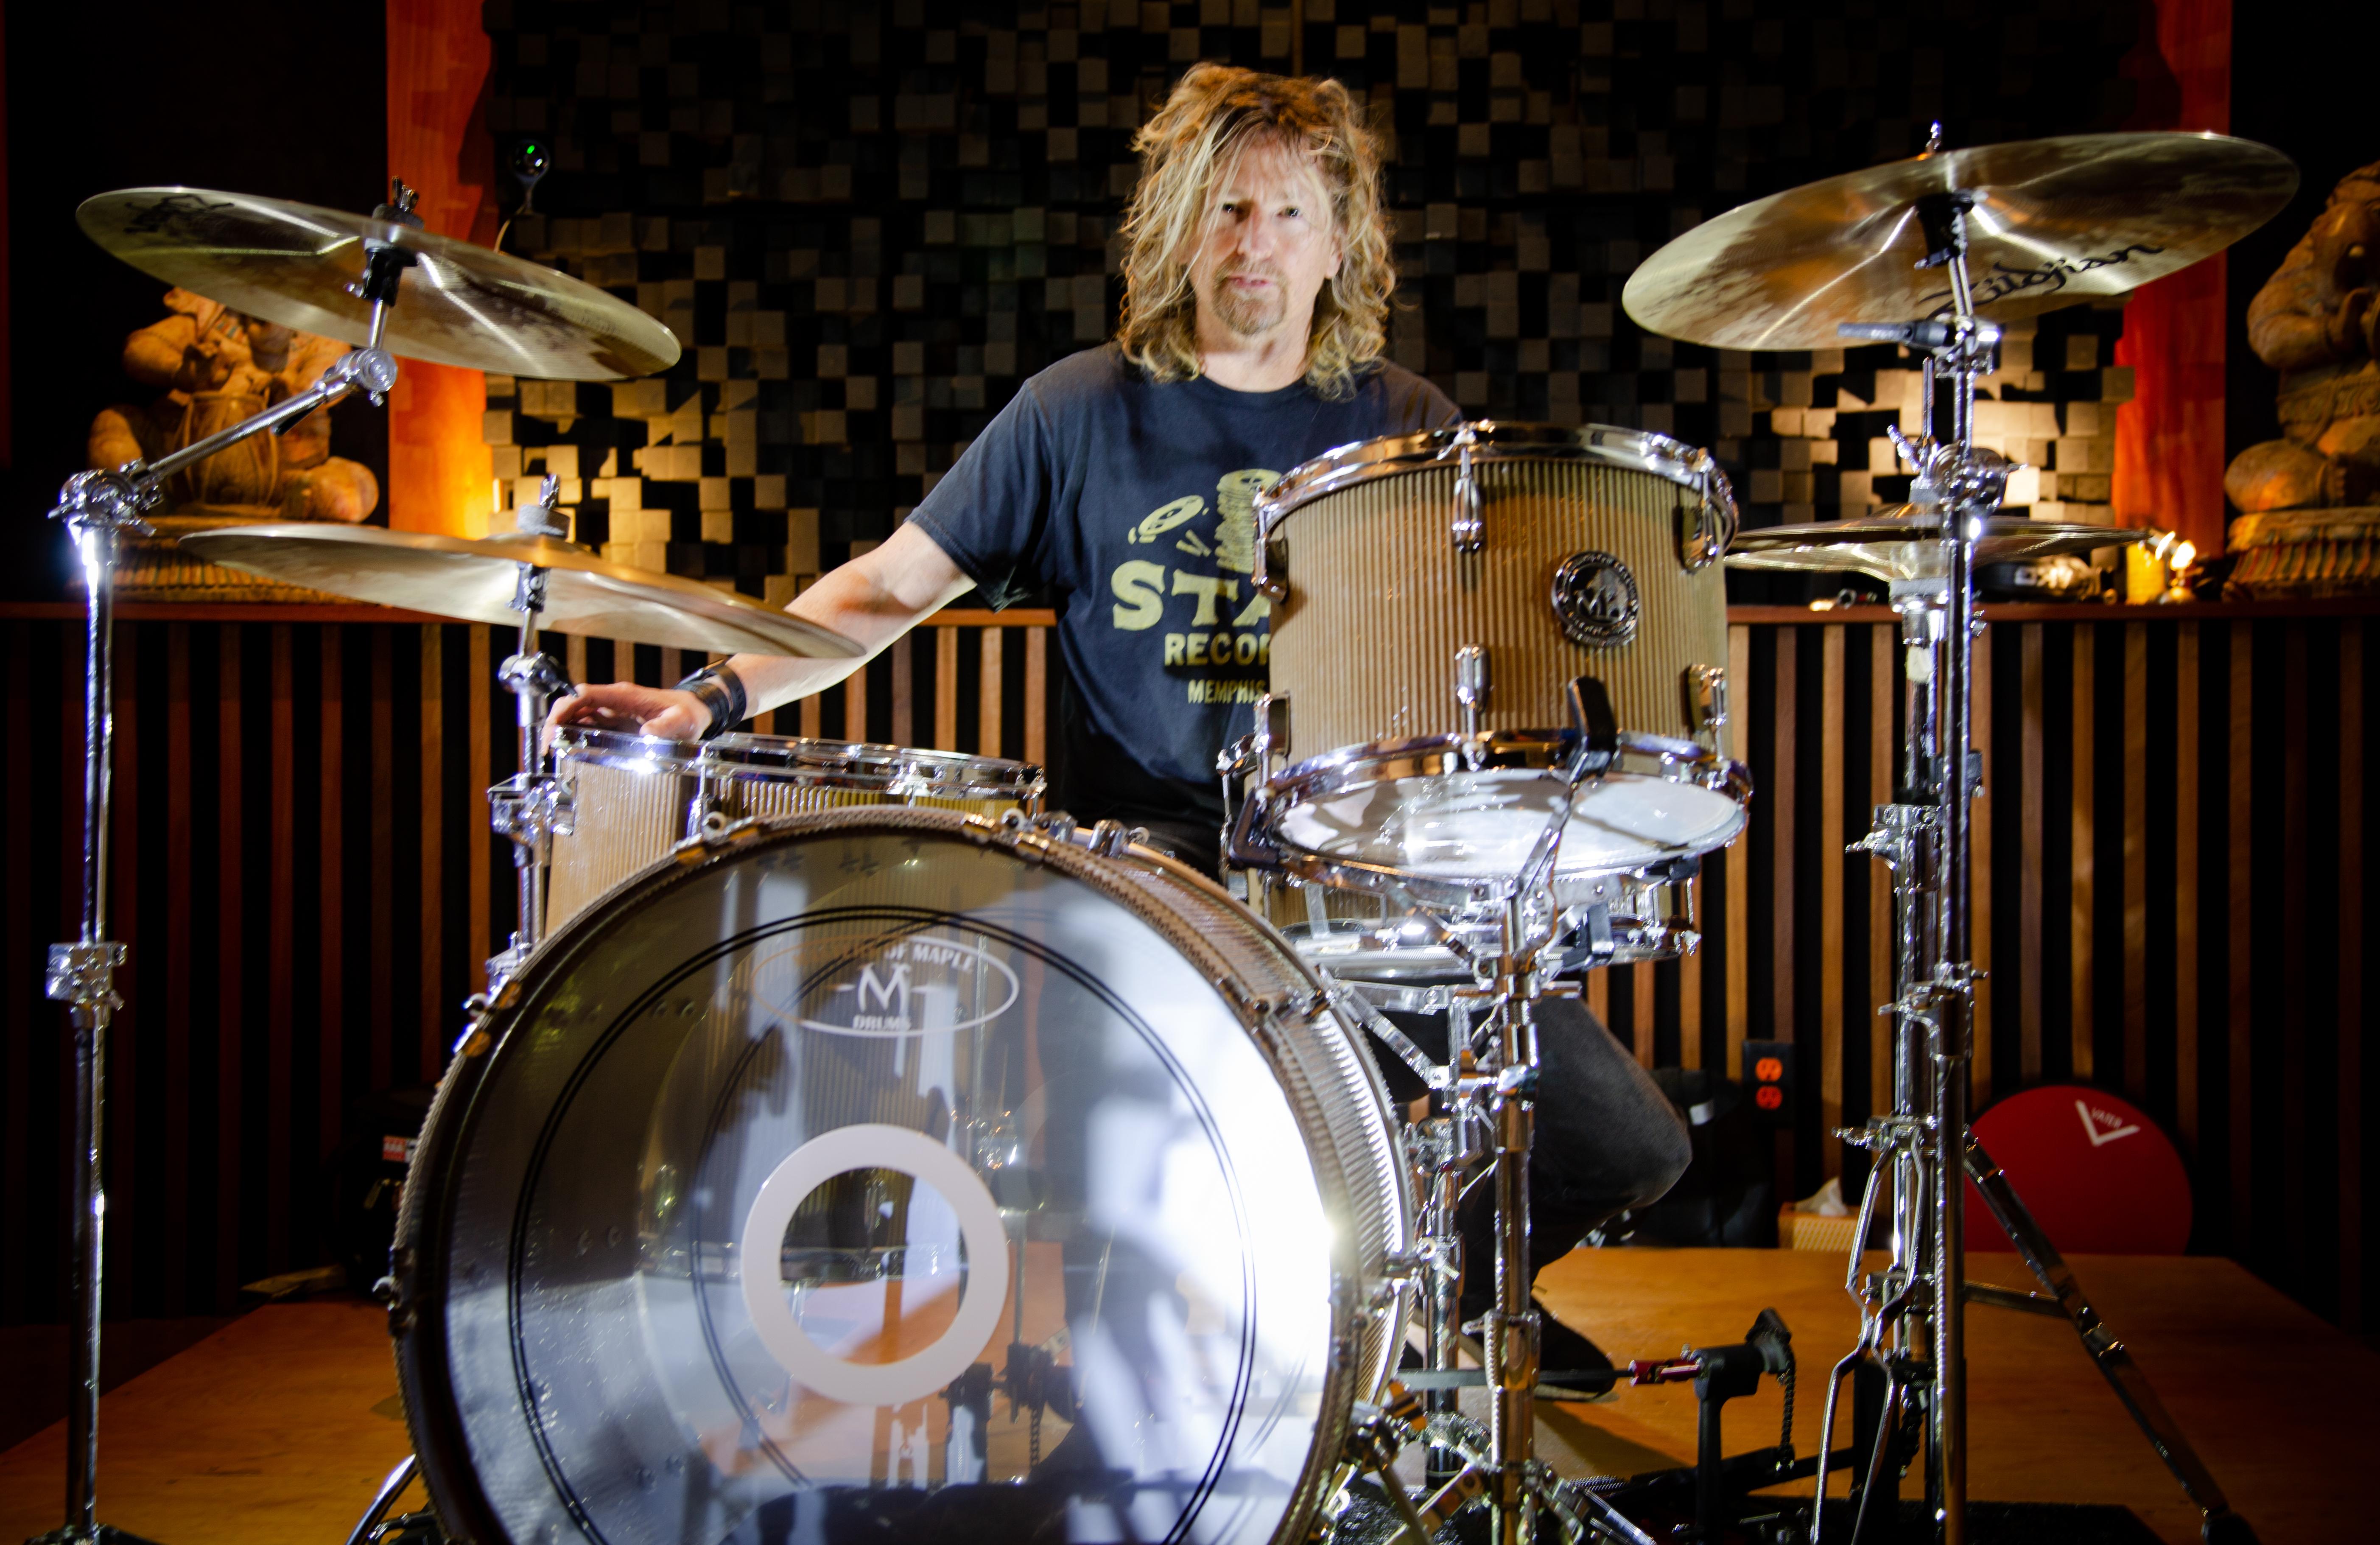 cardboard drums stp